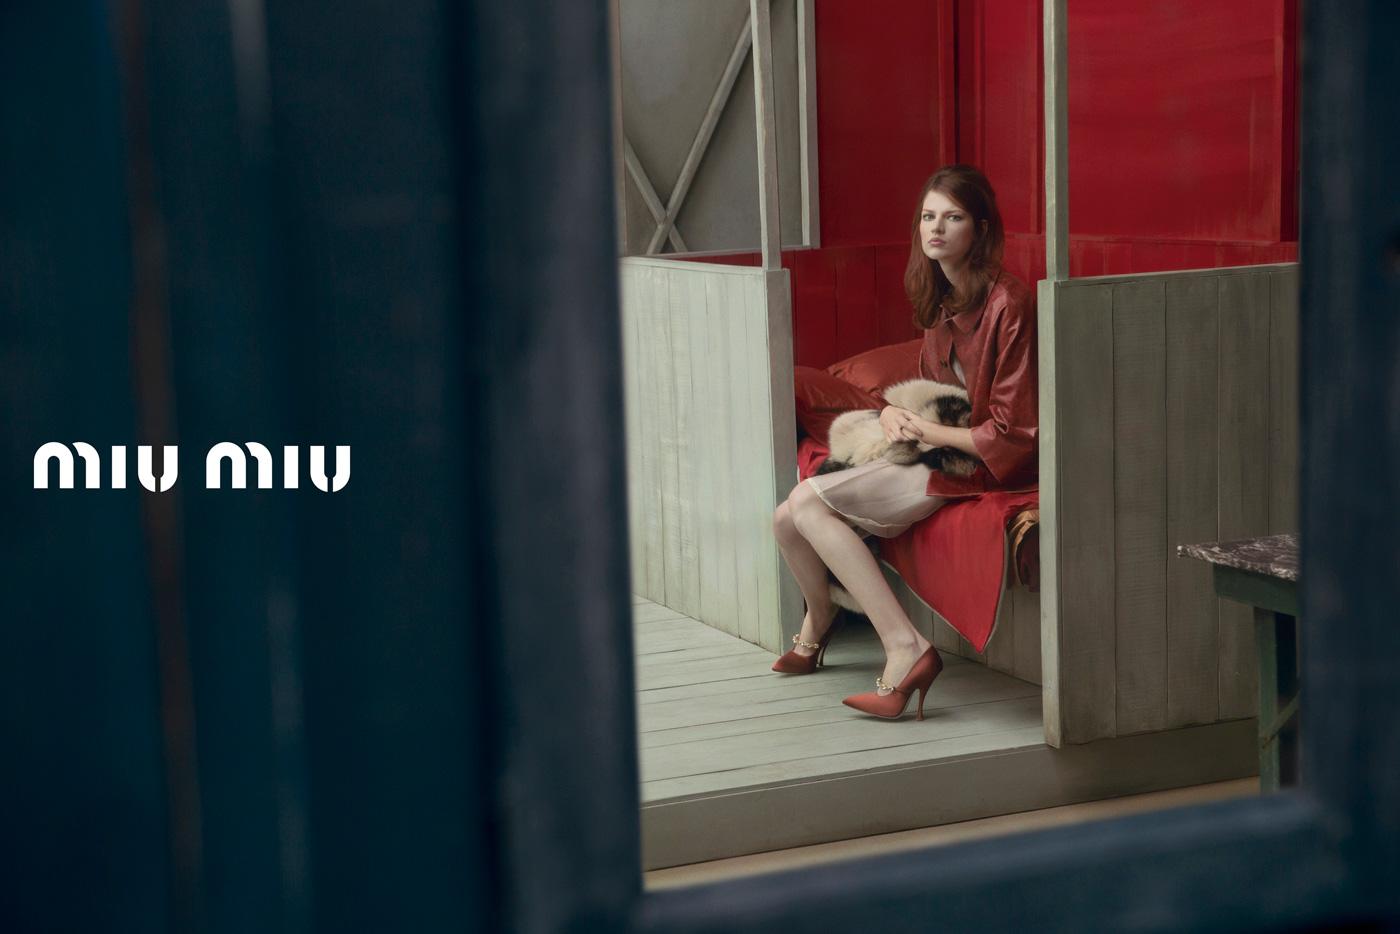 5bd7a7538b1f Miu Miu Spring Summer 2013 Ad Campaign Models  Malgosia Bela